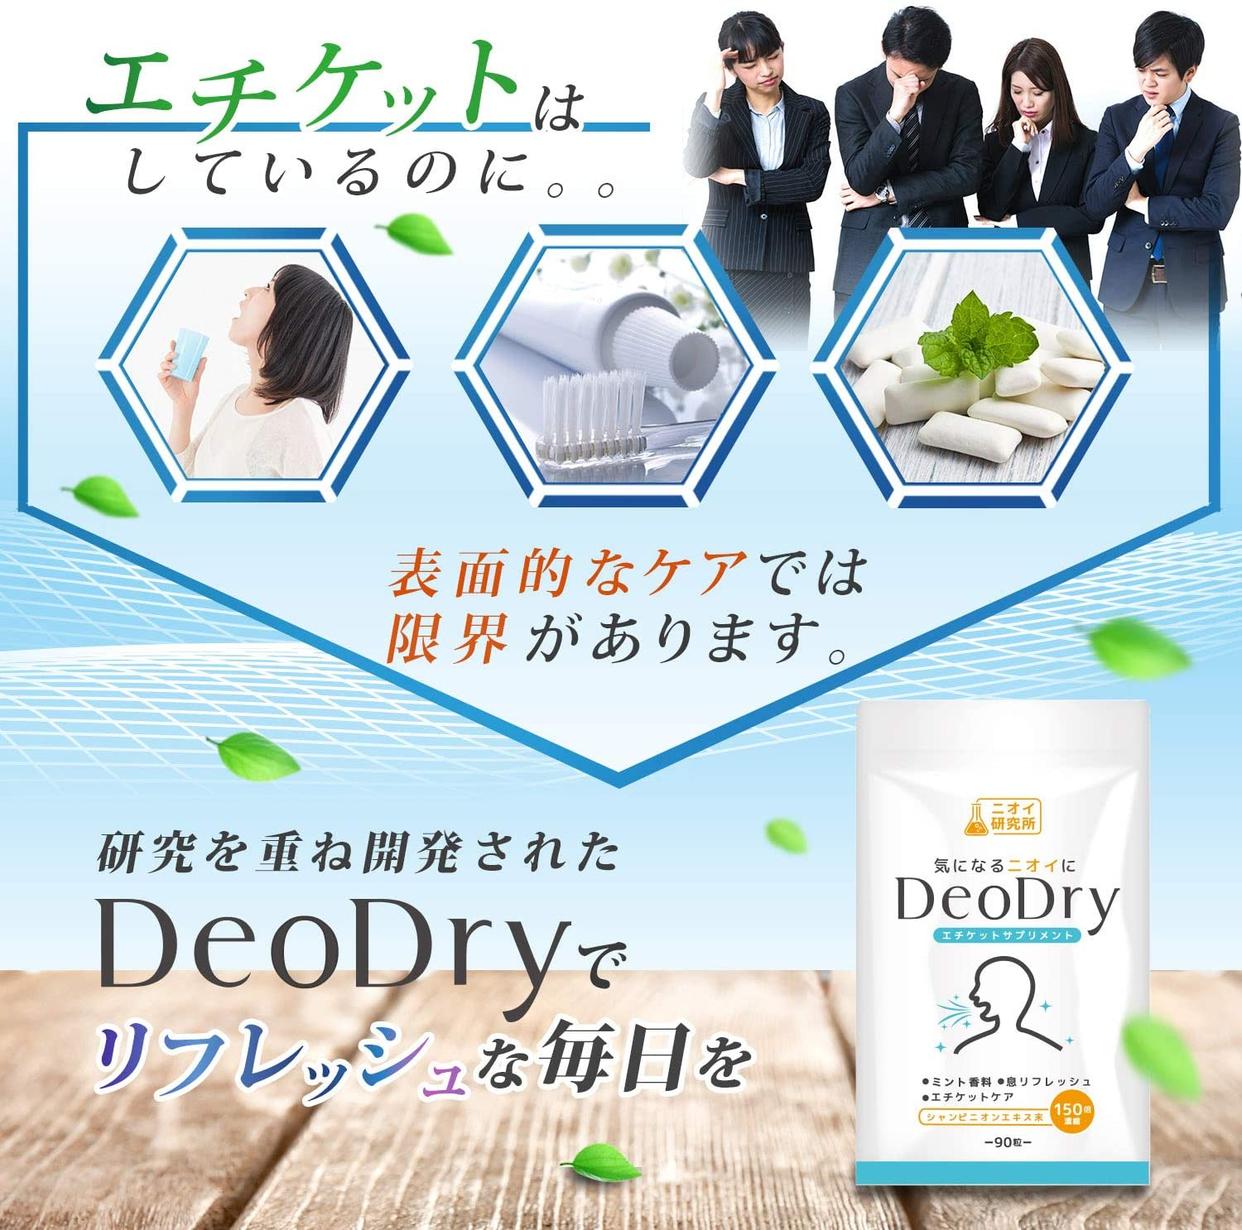 ニオイ研究所 DeoDryの商品画像3